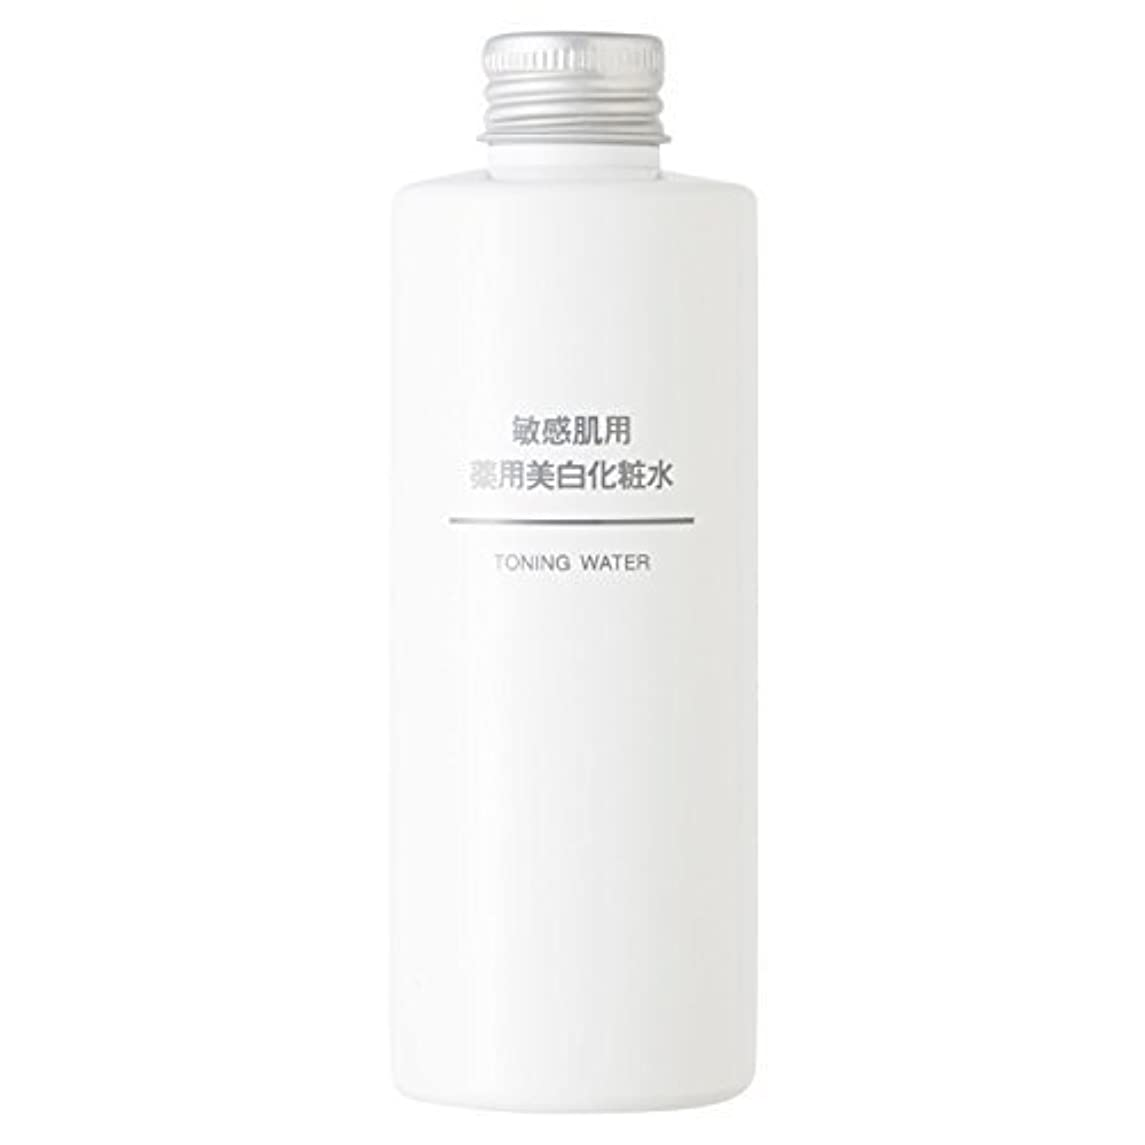 政権共和党サンプル無印良品 敏感肌用 薬用美白化粧水 (新)200ml